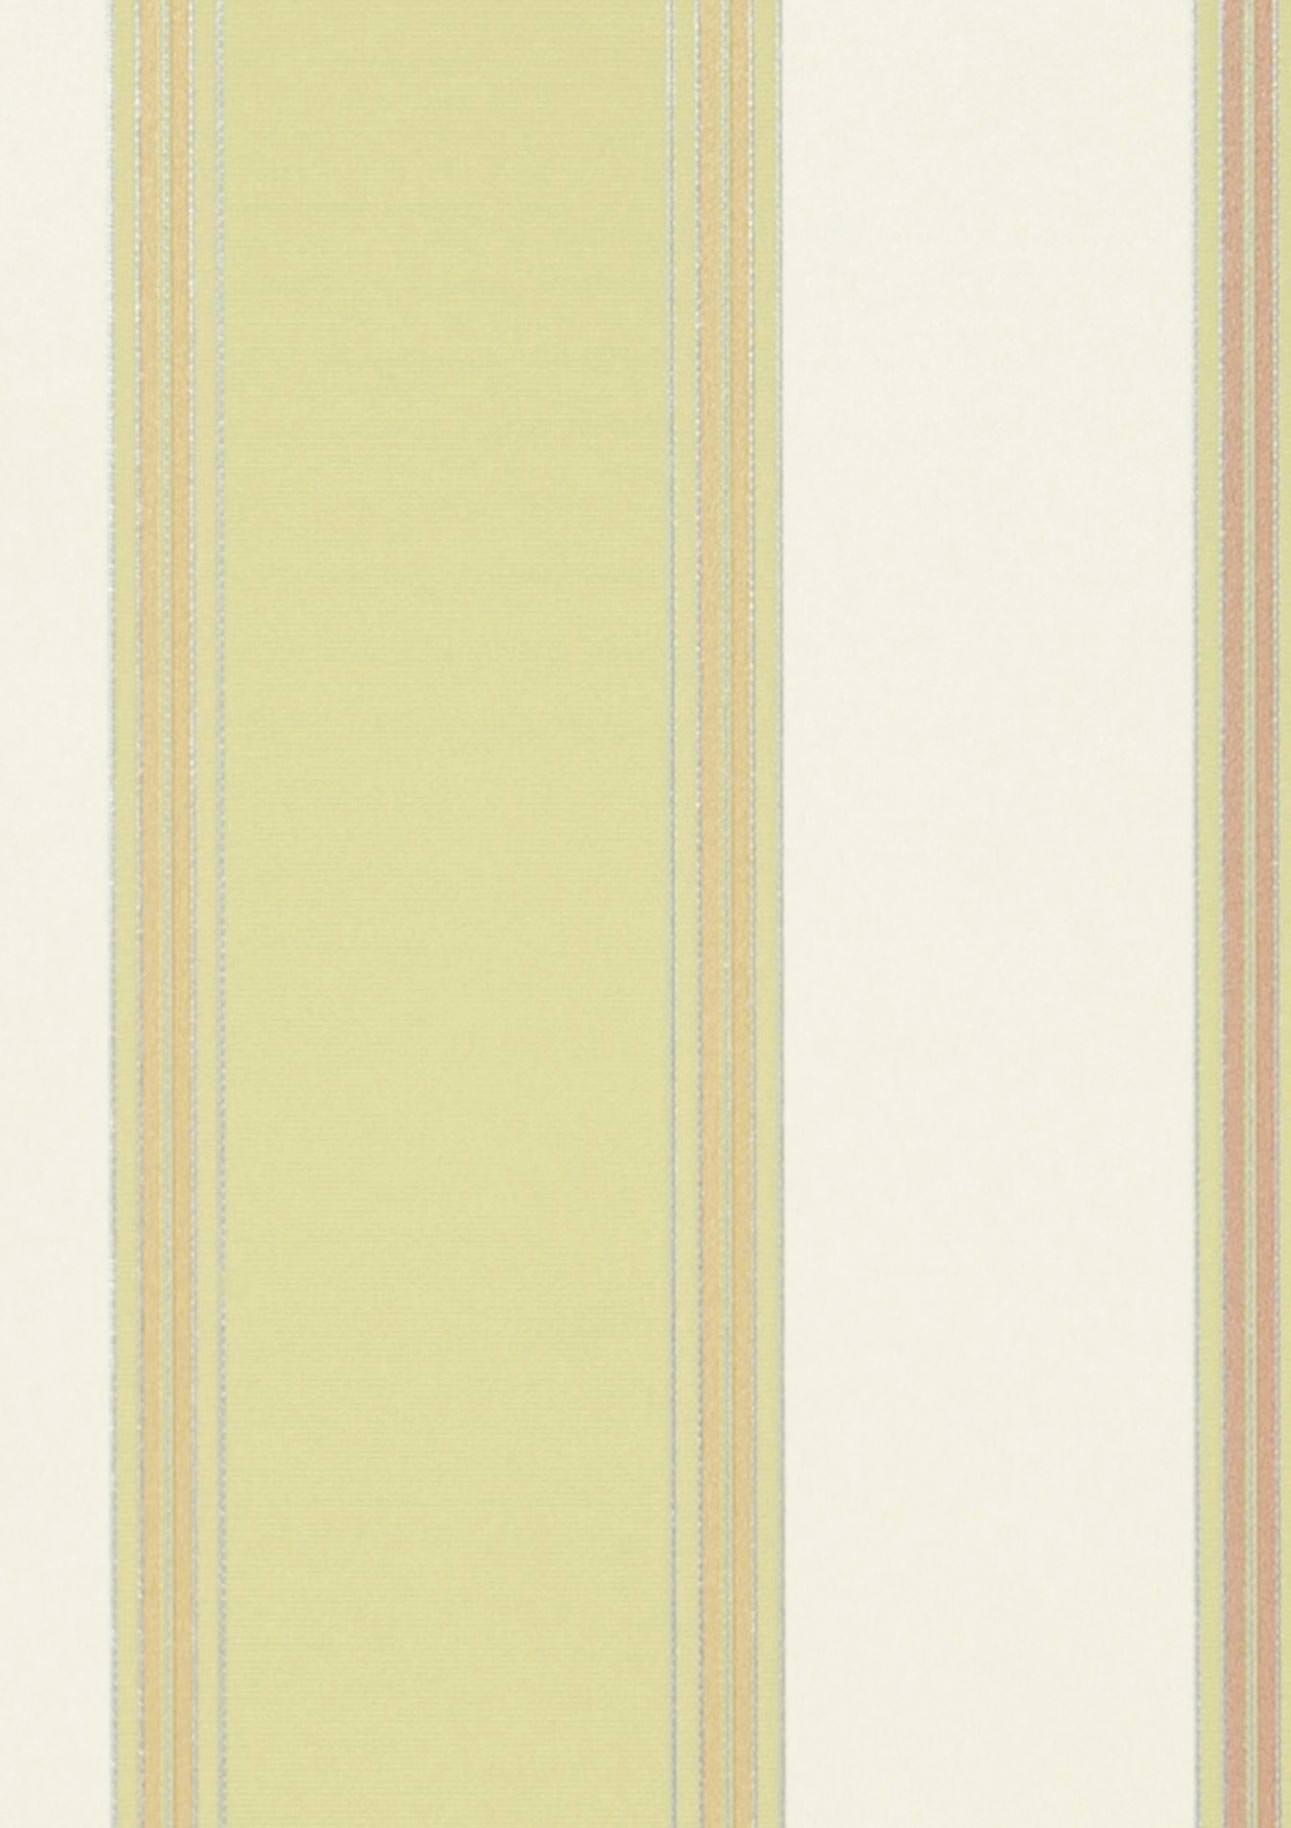 Carta da parati tatex bianco crema beige verde for Carta da parati beige